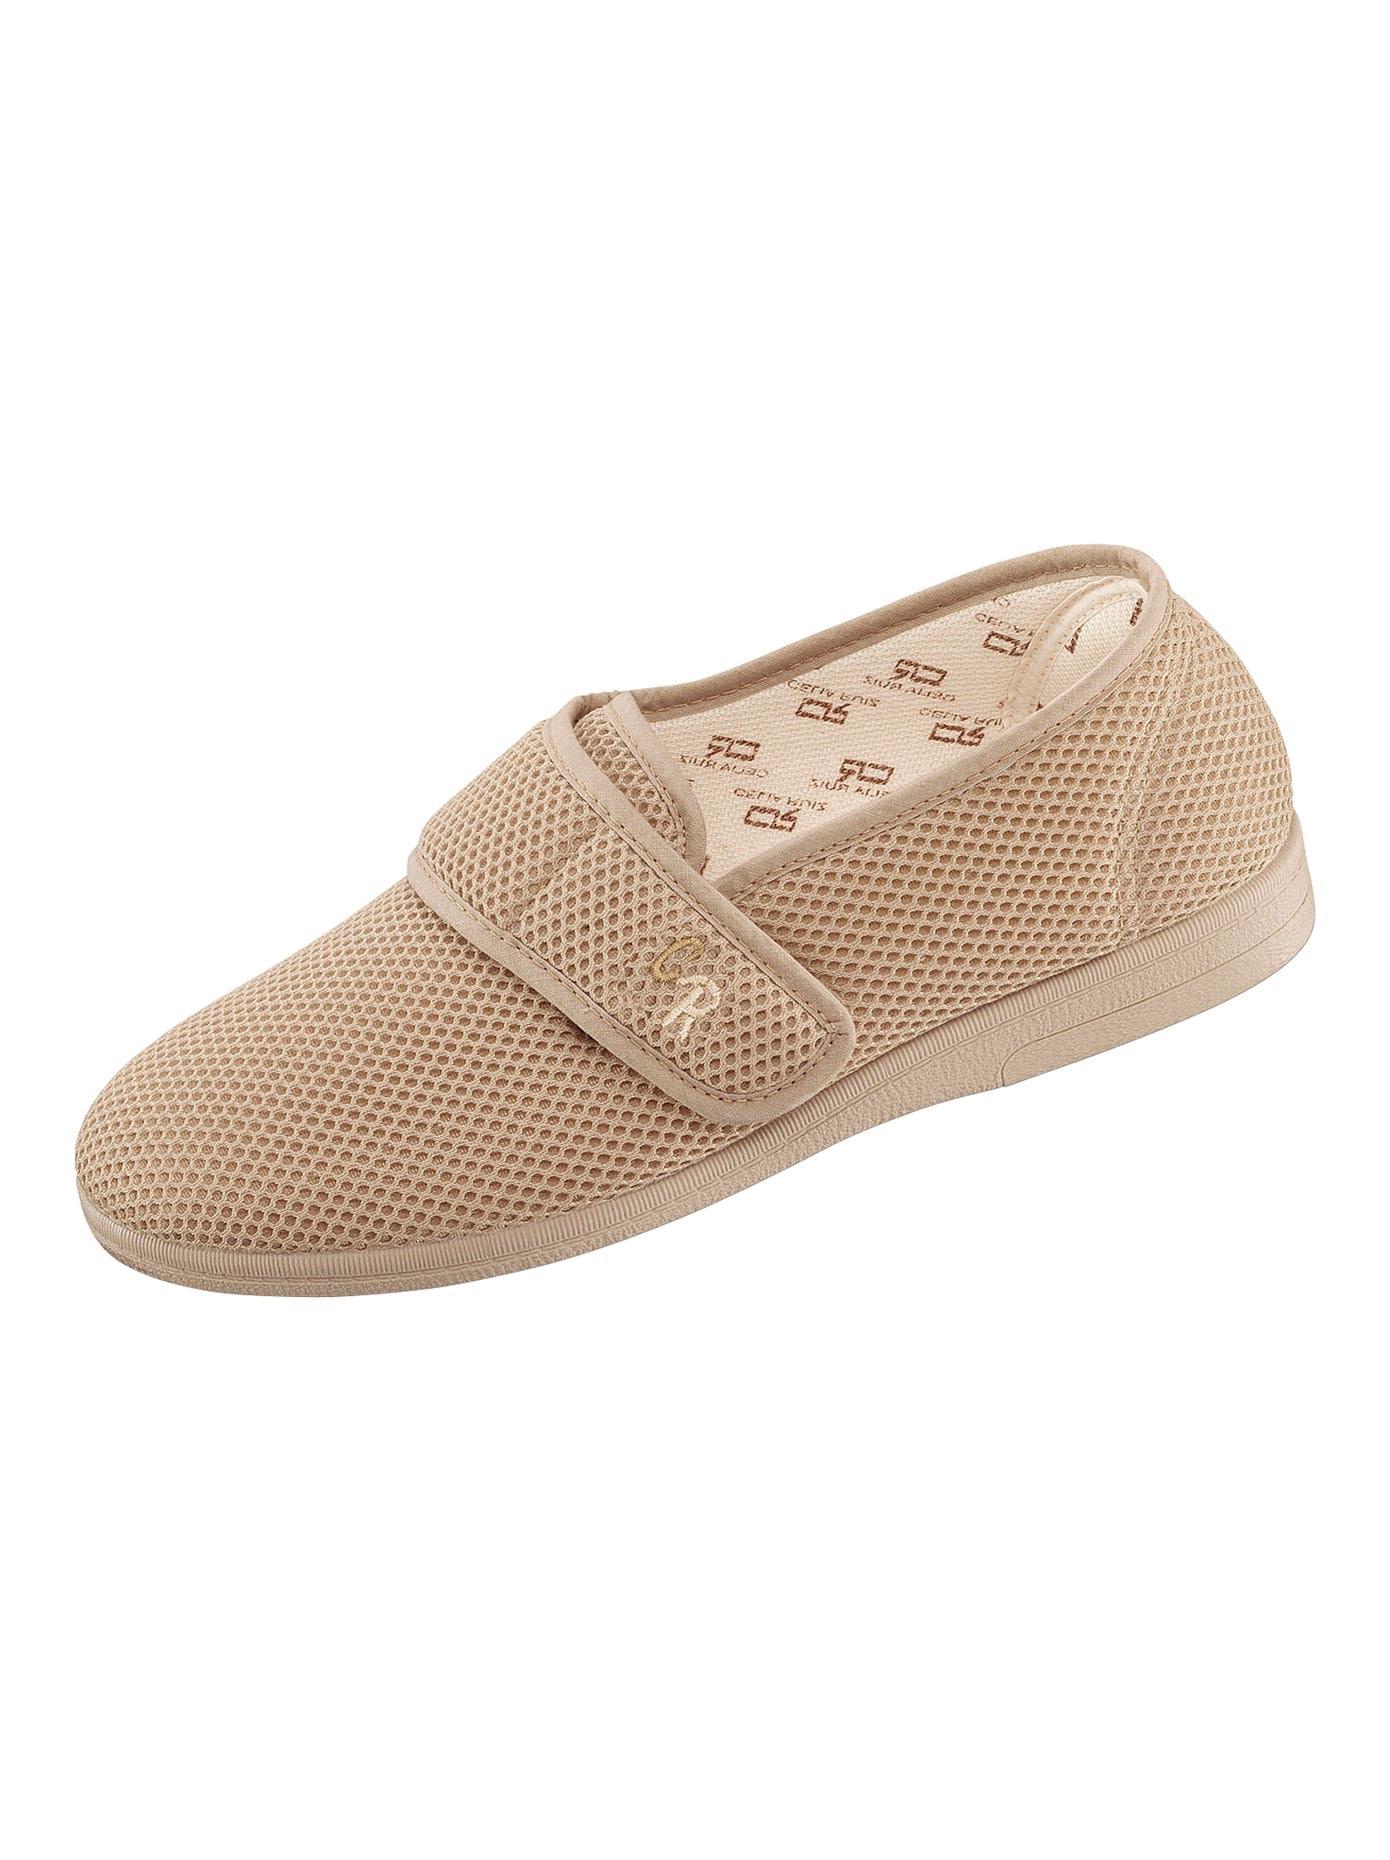 Hausschuh mit flexibler Synthetik-Laufsohle | Schuhe > Hausschuhe > Klassische Hausschuhe | Beige | Classic